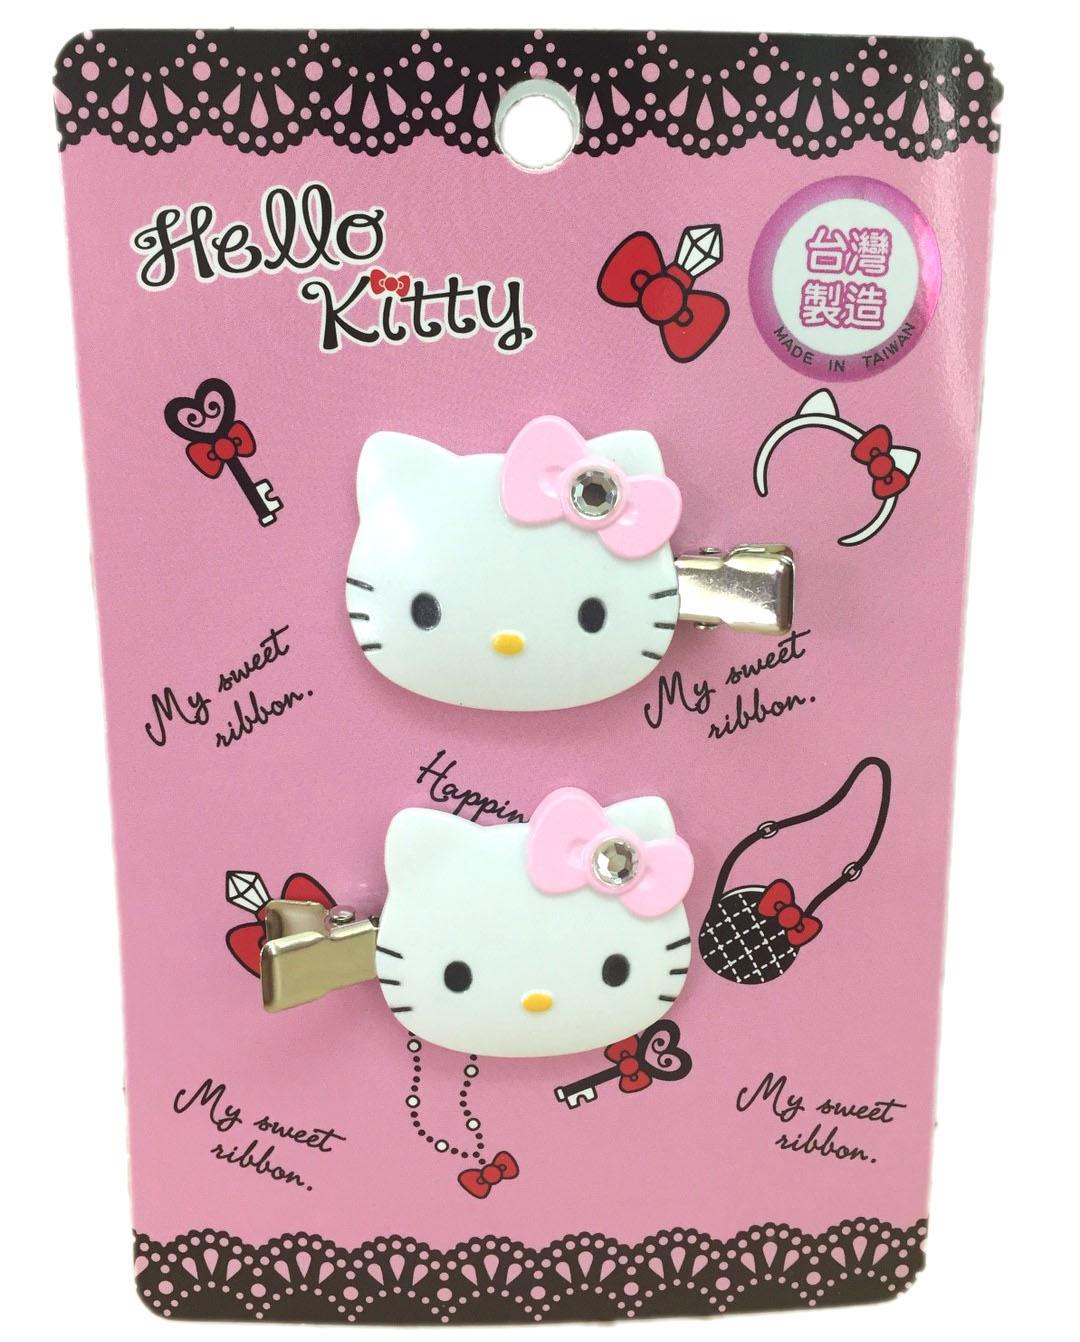 【真愛日本】16080300017髮前夾-KT大頭鑲鑽粉結三麗鷗 Hello Kitty 凱蒂貓 髮飾 飾品 正品